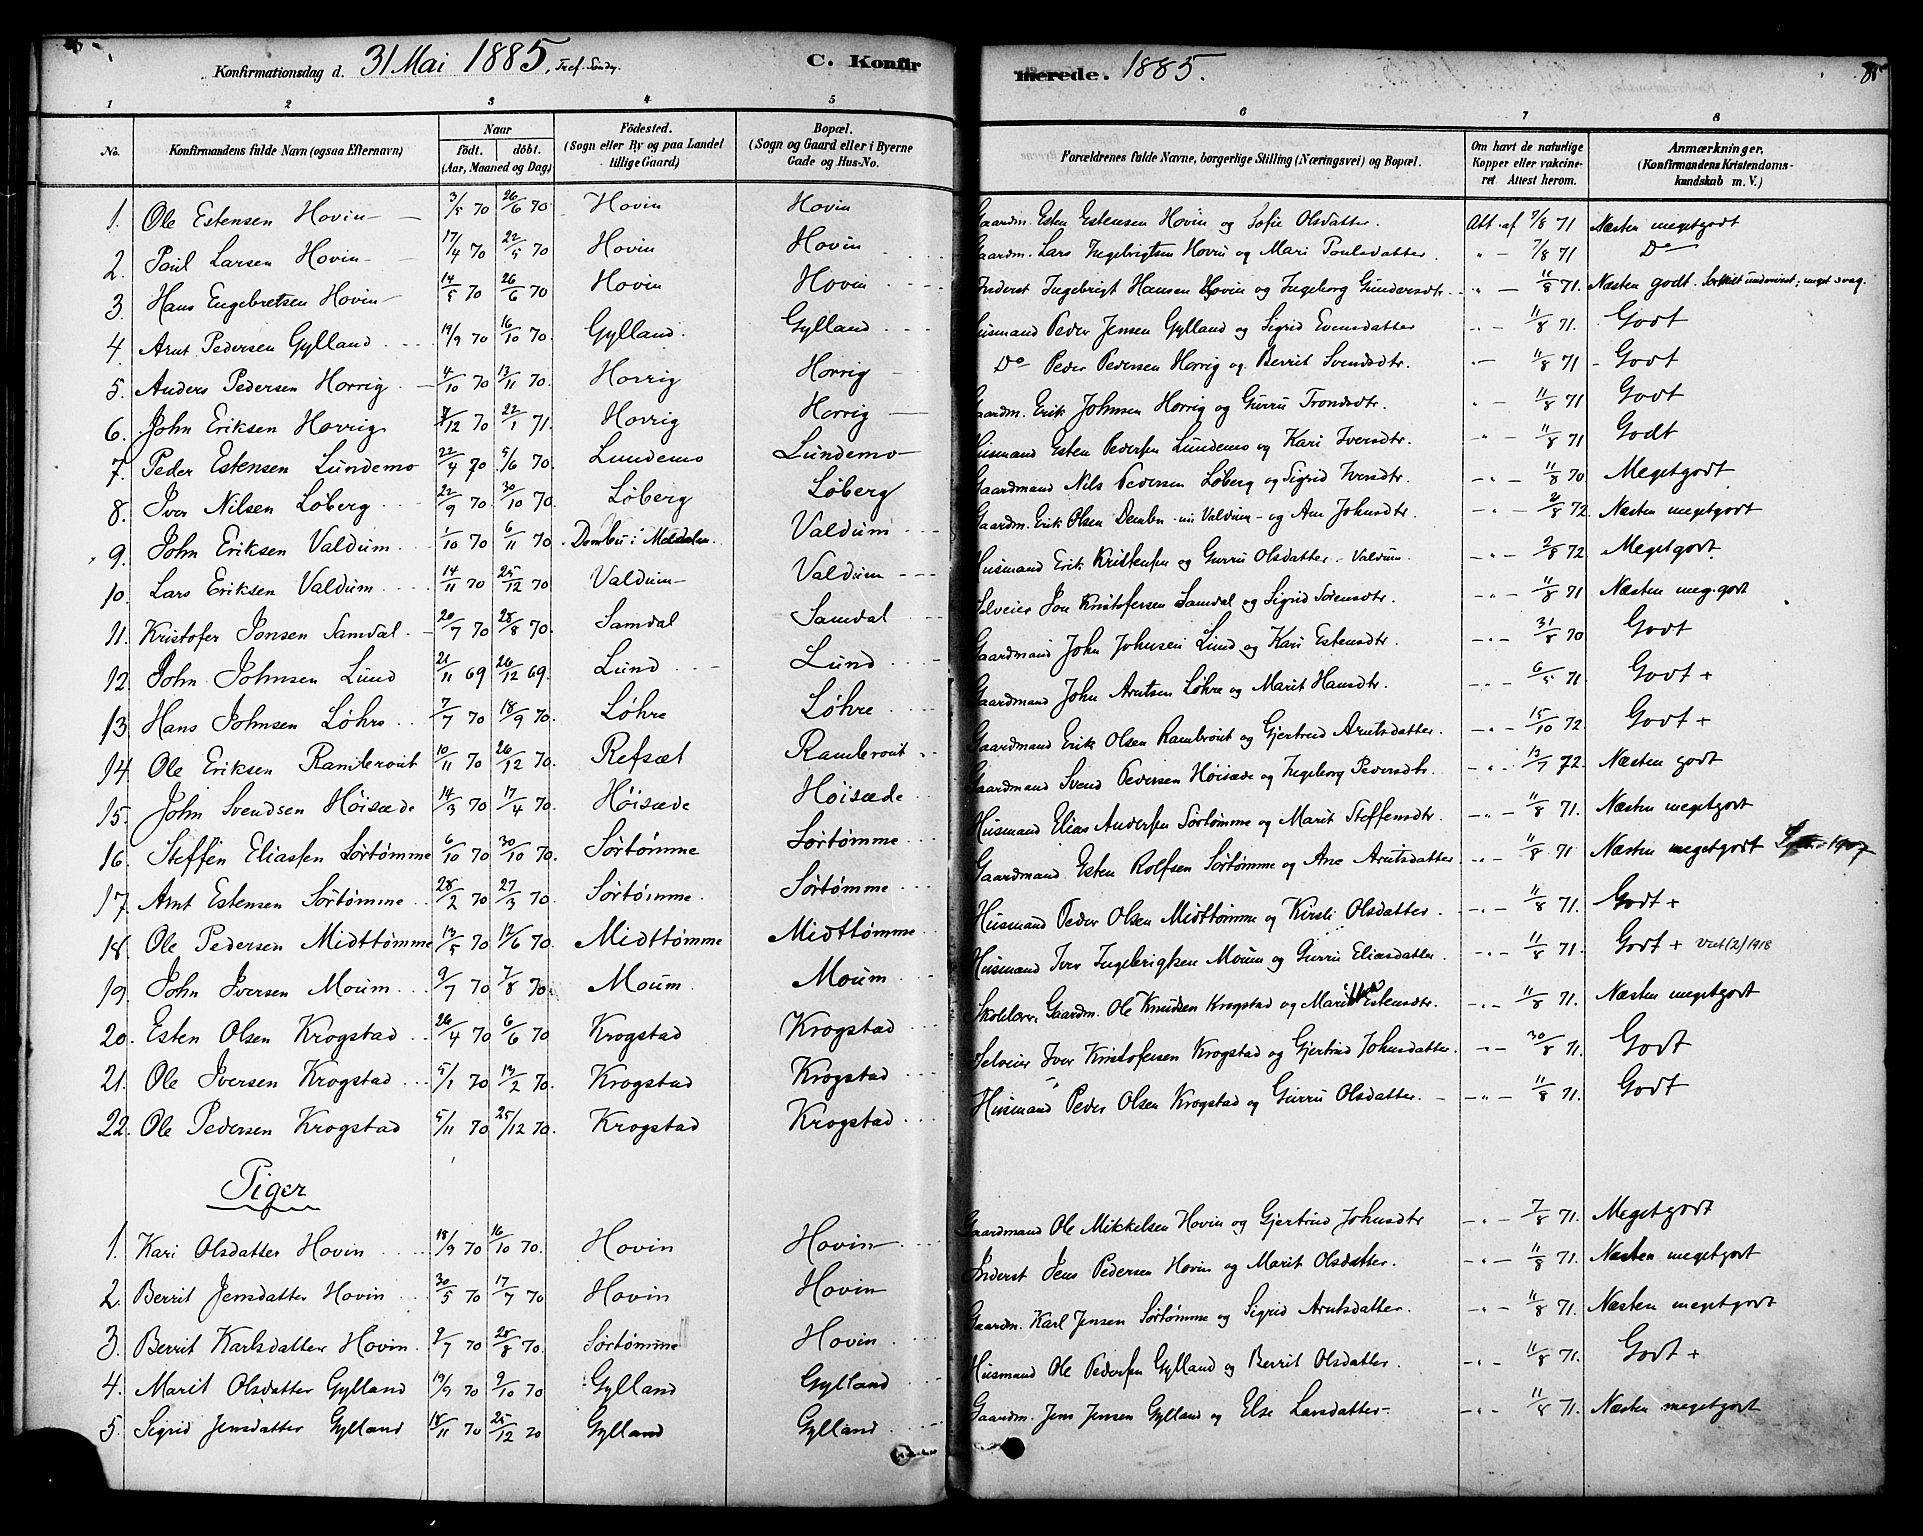 SAT, Ministerialprotokoller, klokkerbøker og fødselsregistre - Sør-Trøndelag, 692/L1105: Ministerialbok nr. 692A05, 1878-1890, s. 85